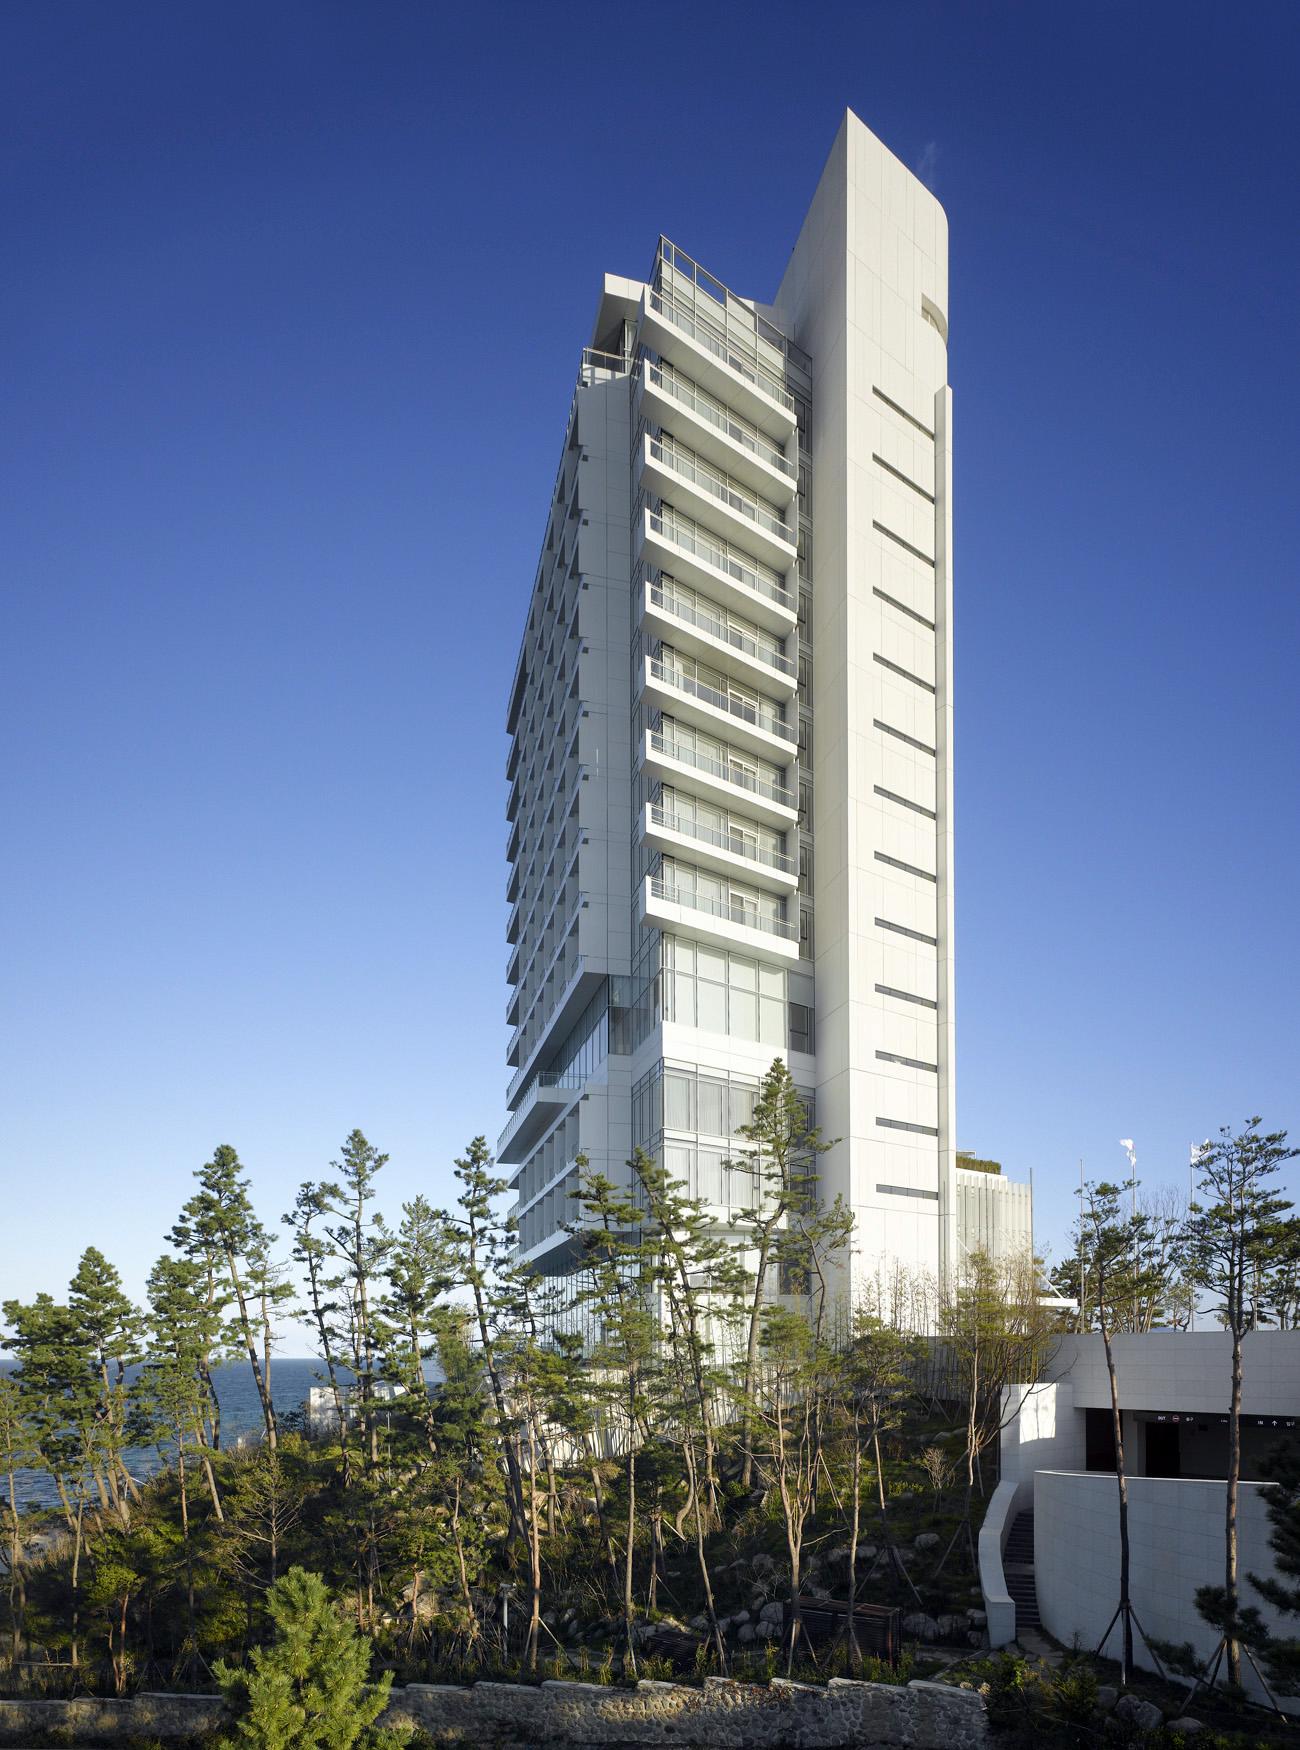 La torre rodeada . Fotografía: © Roland Halbe. Cortesía, Richard Meier & Partners.